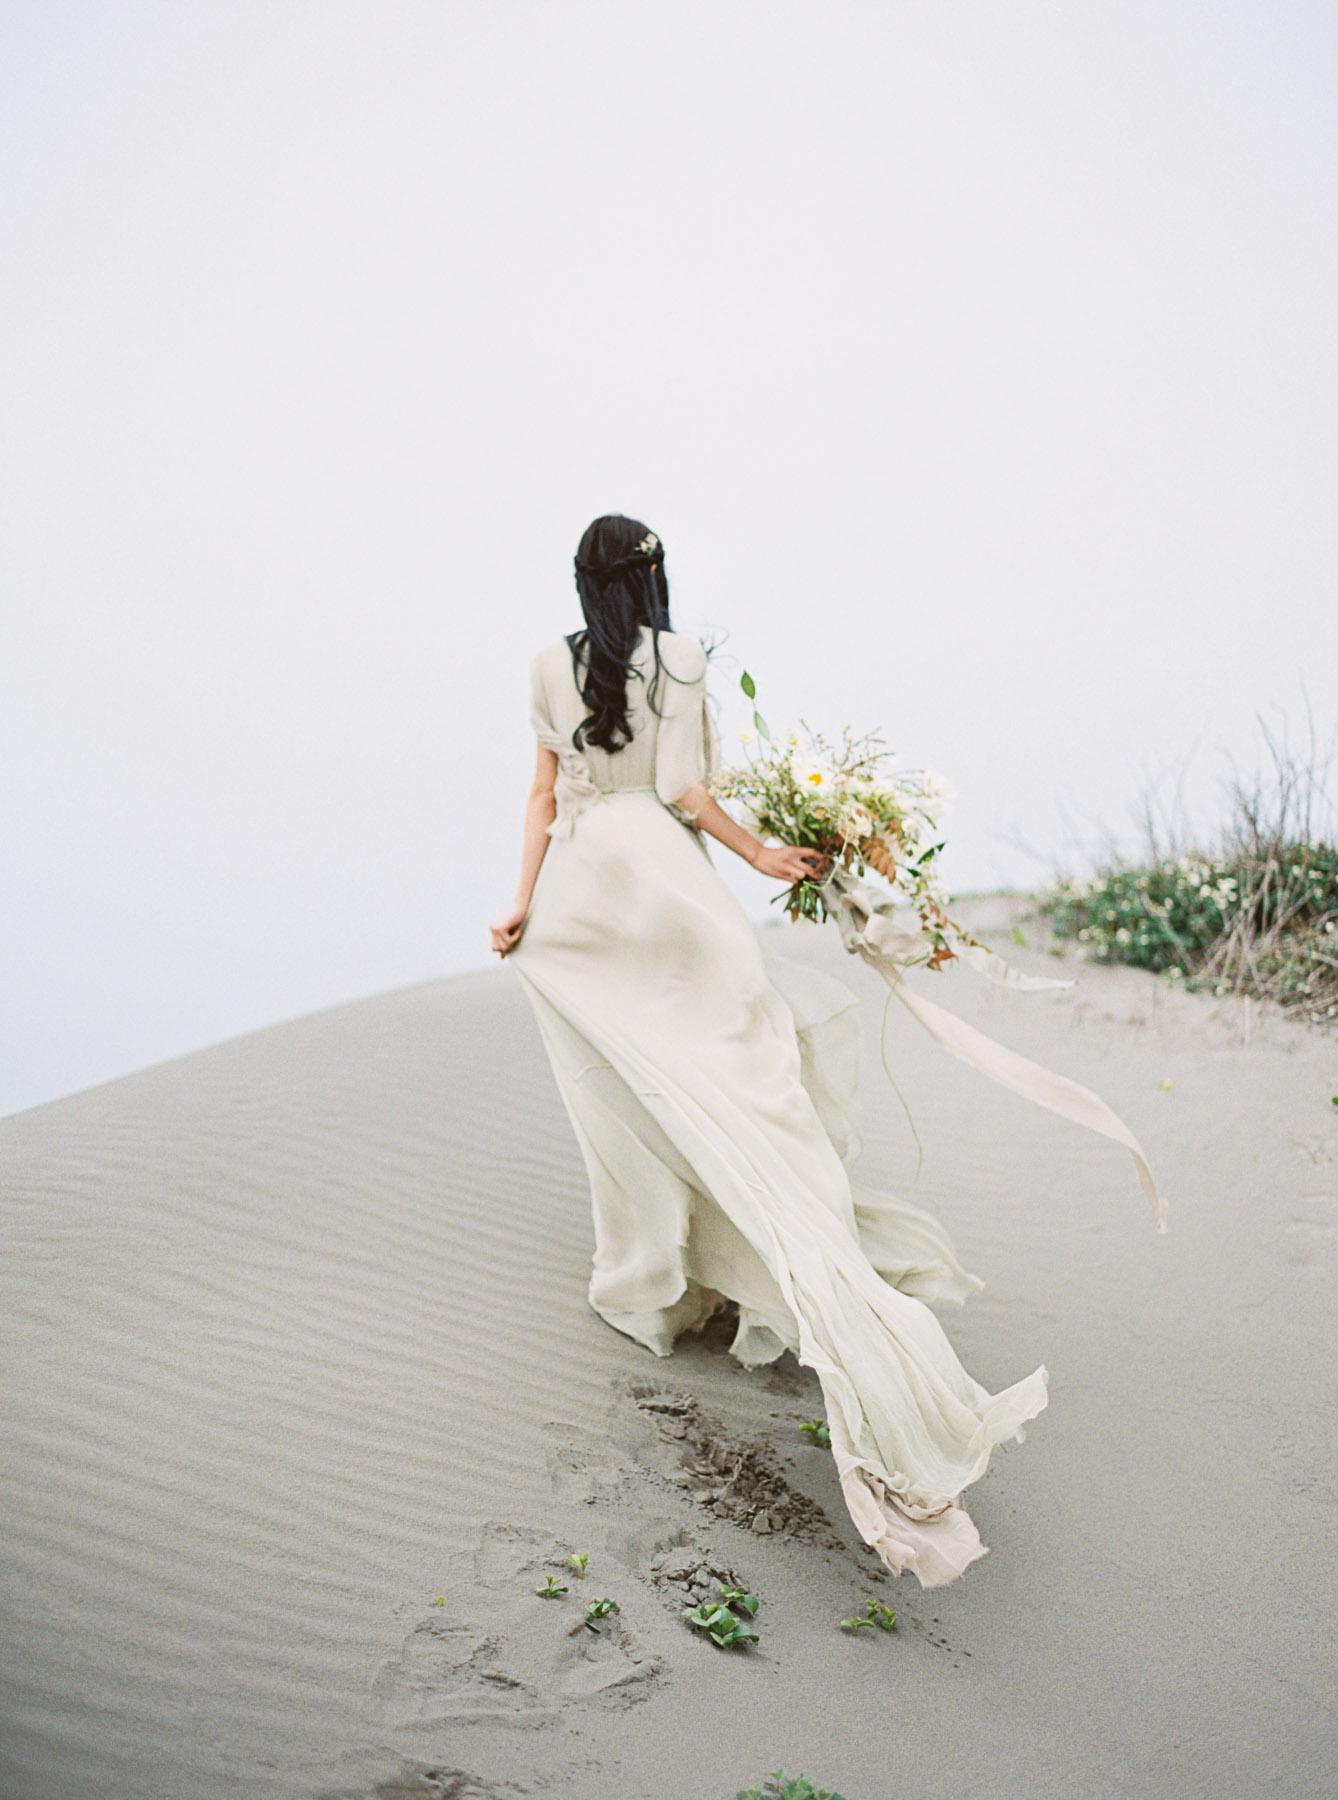 有機的 大地鄉村風婚禮 婚禮創作